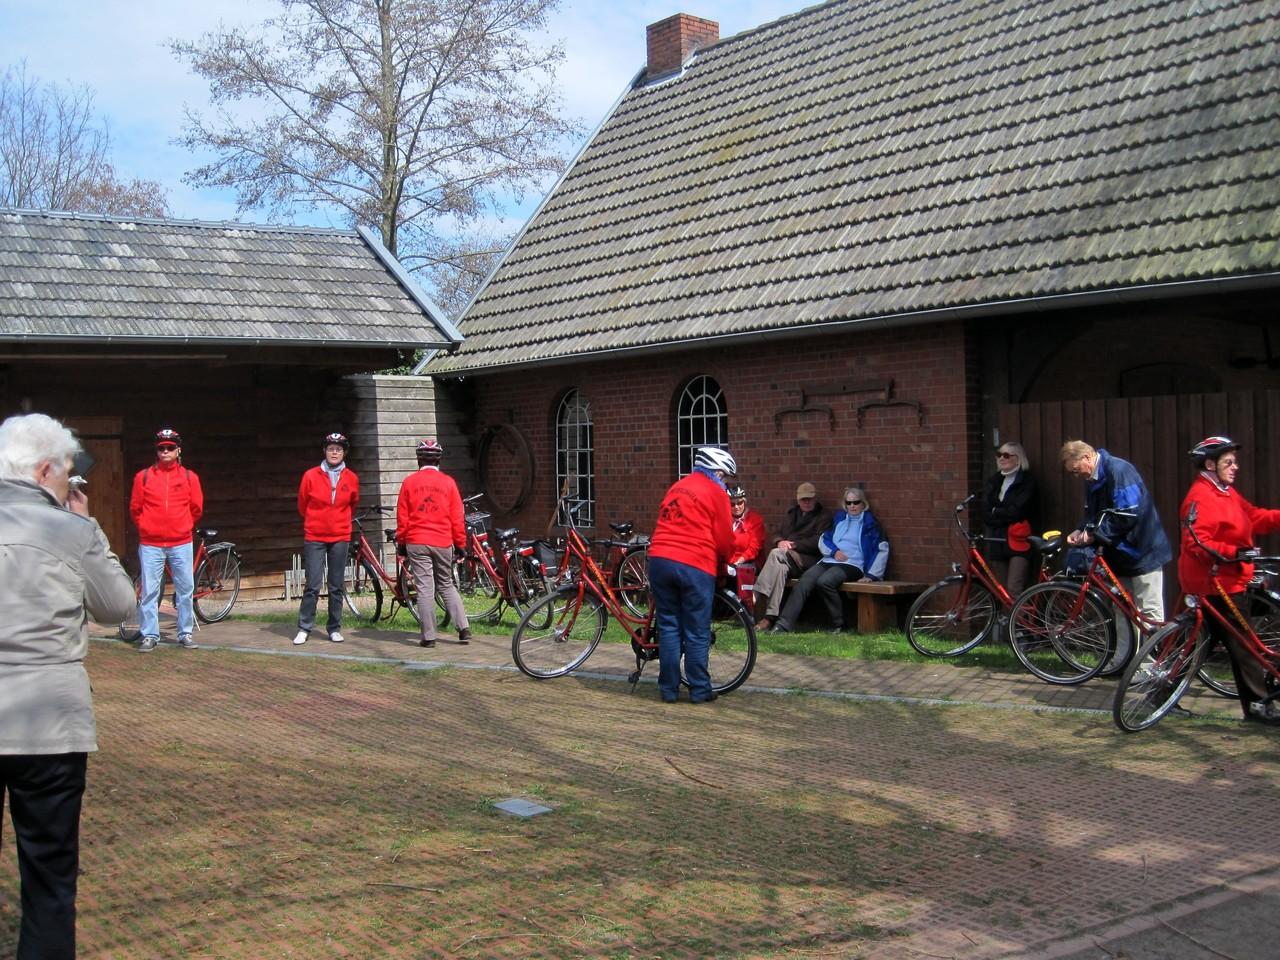 Pause an der Dorfschmiede in Harpenfeld